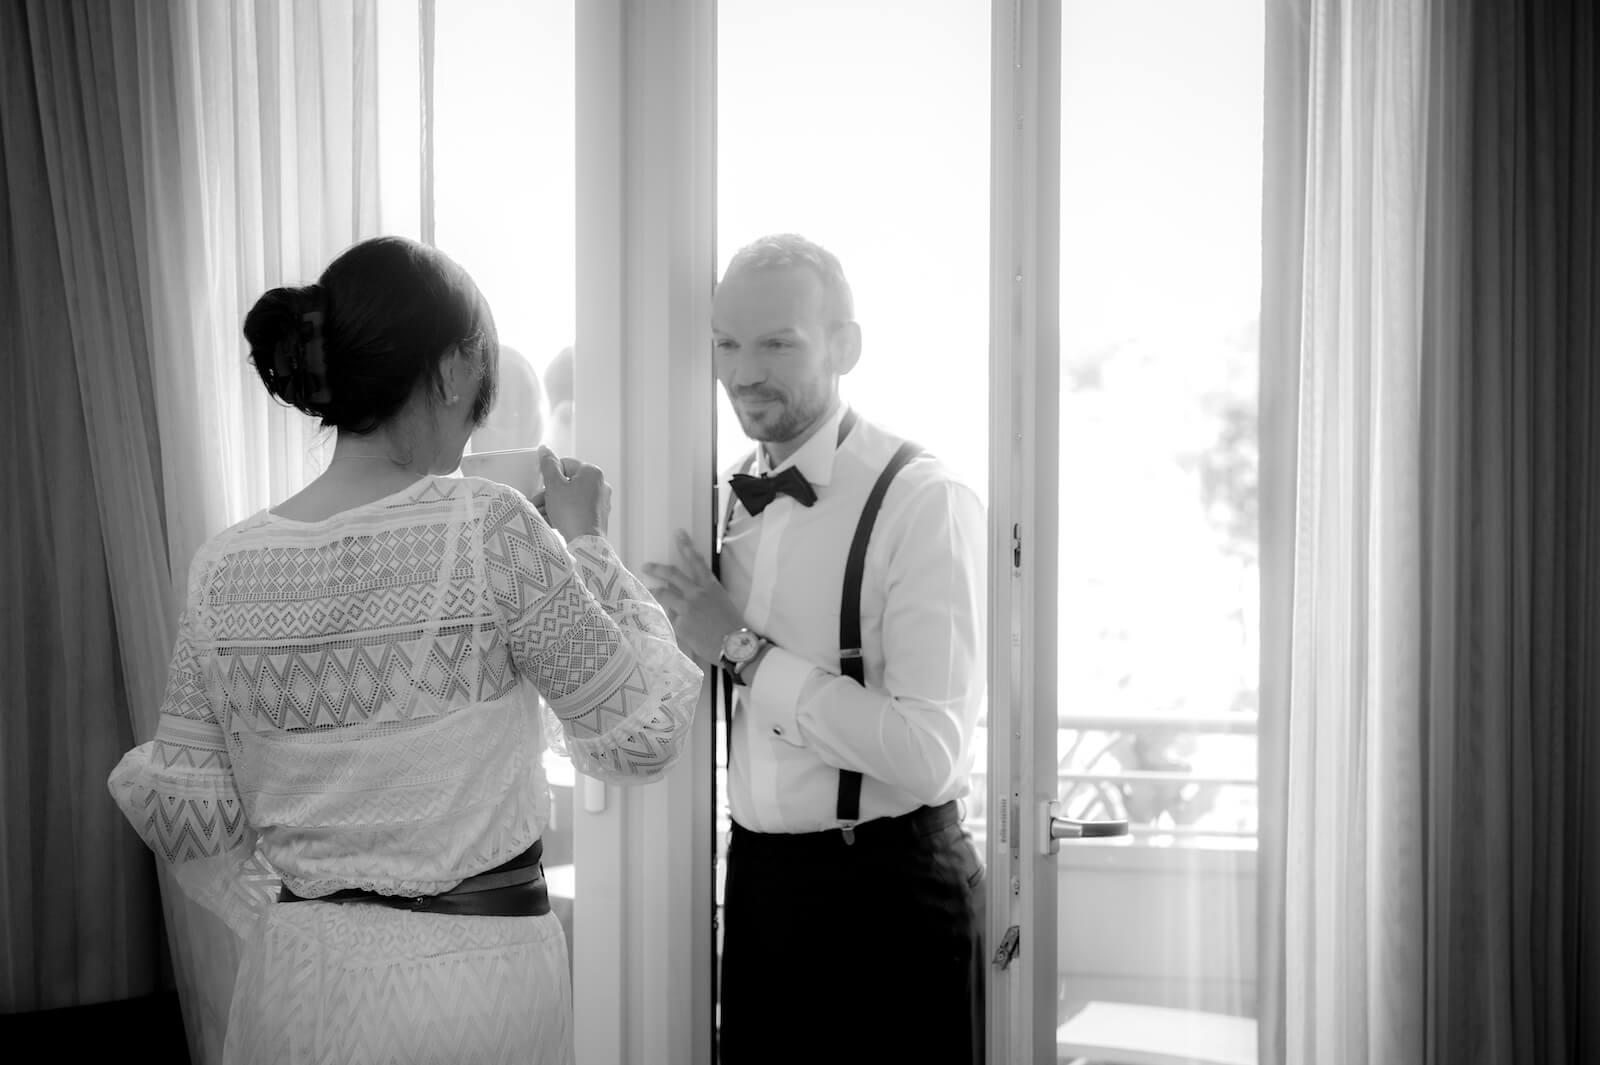 Hochzeit Gardasee - Braut und Bräutigam im Hotelzimmer